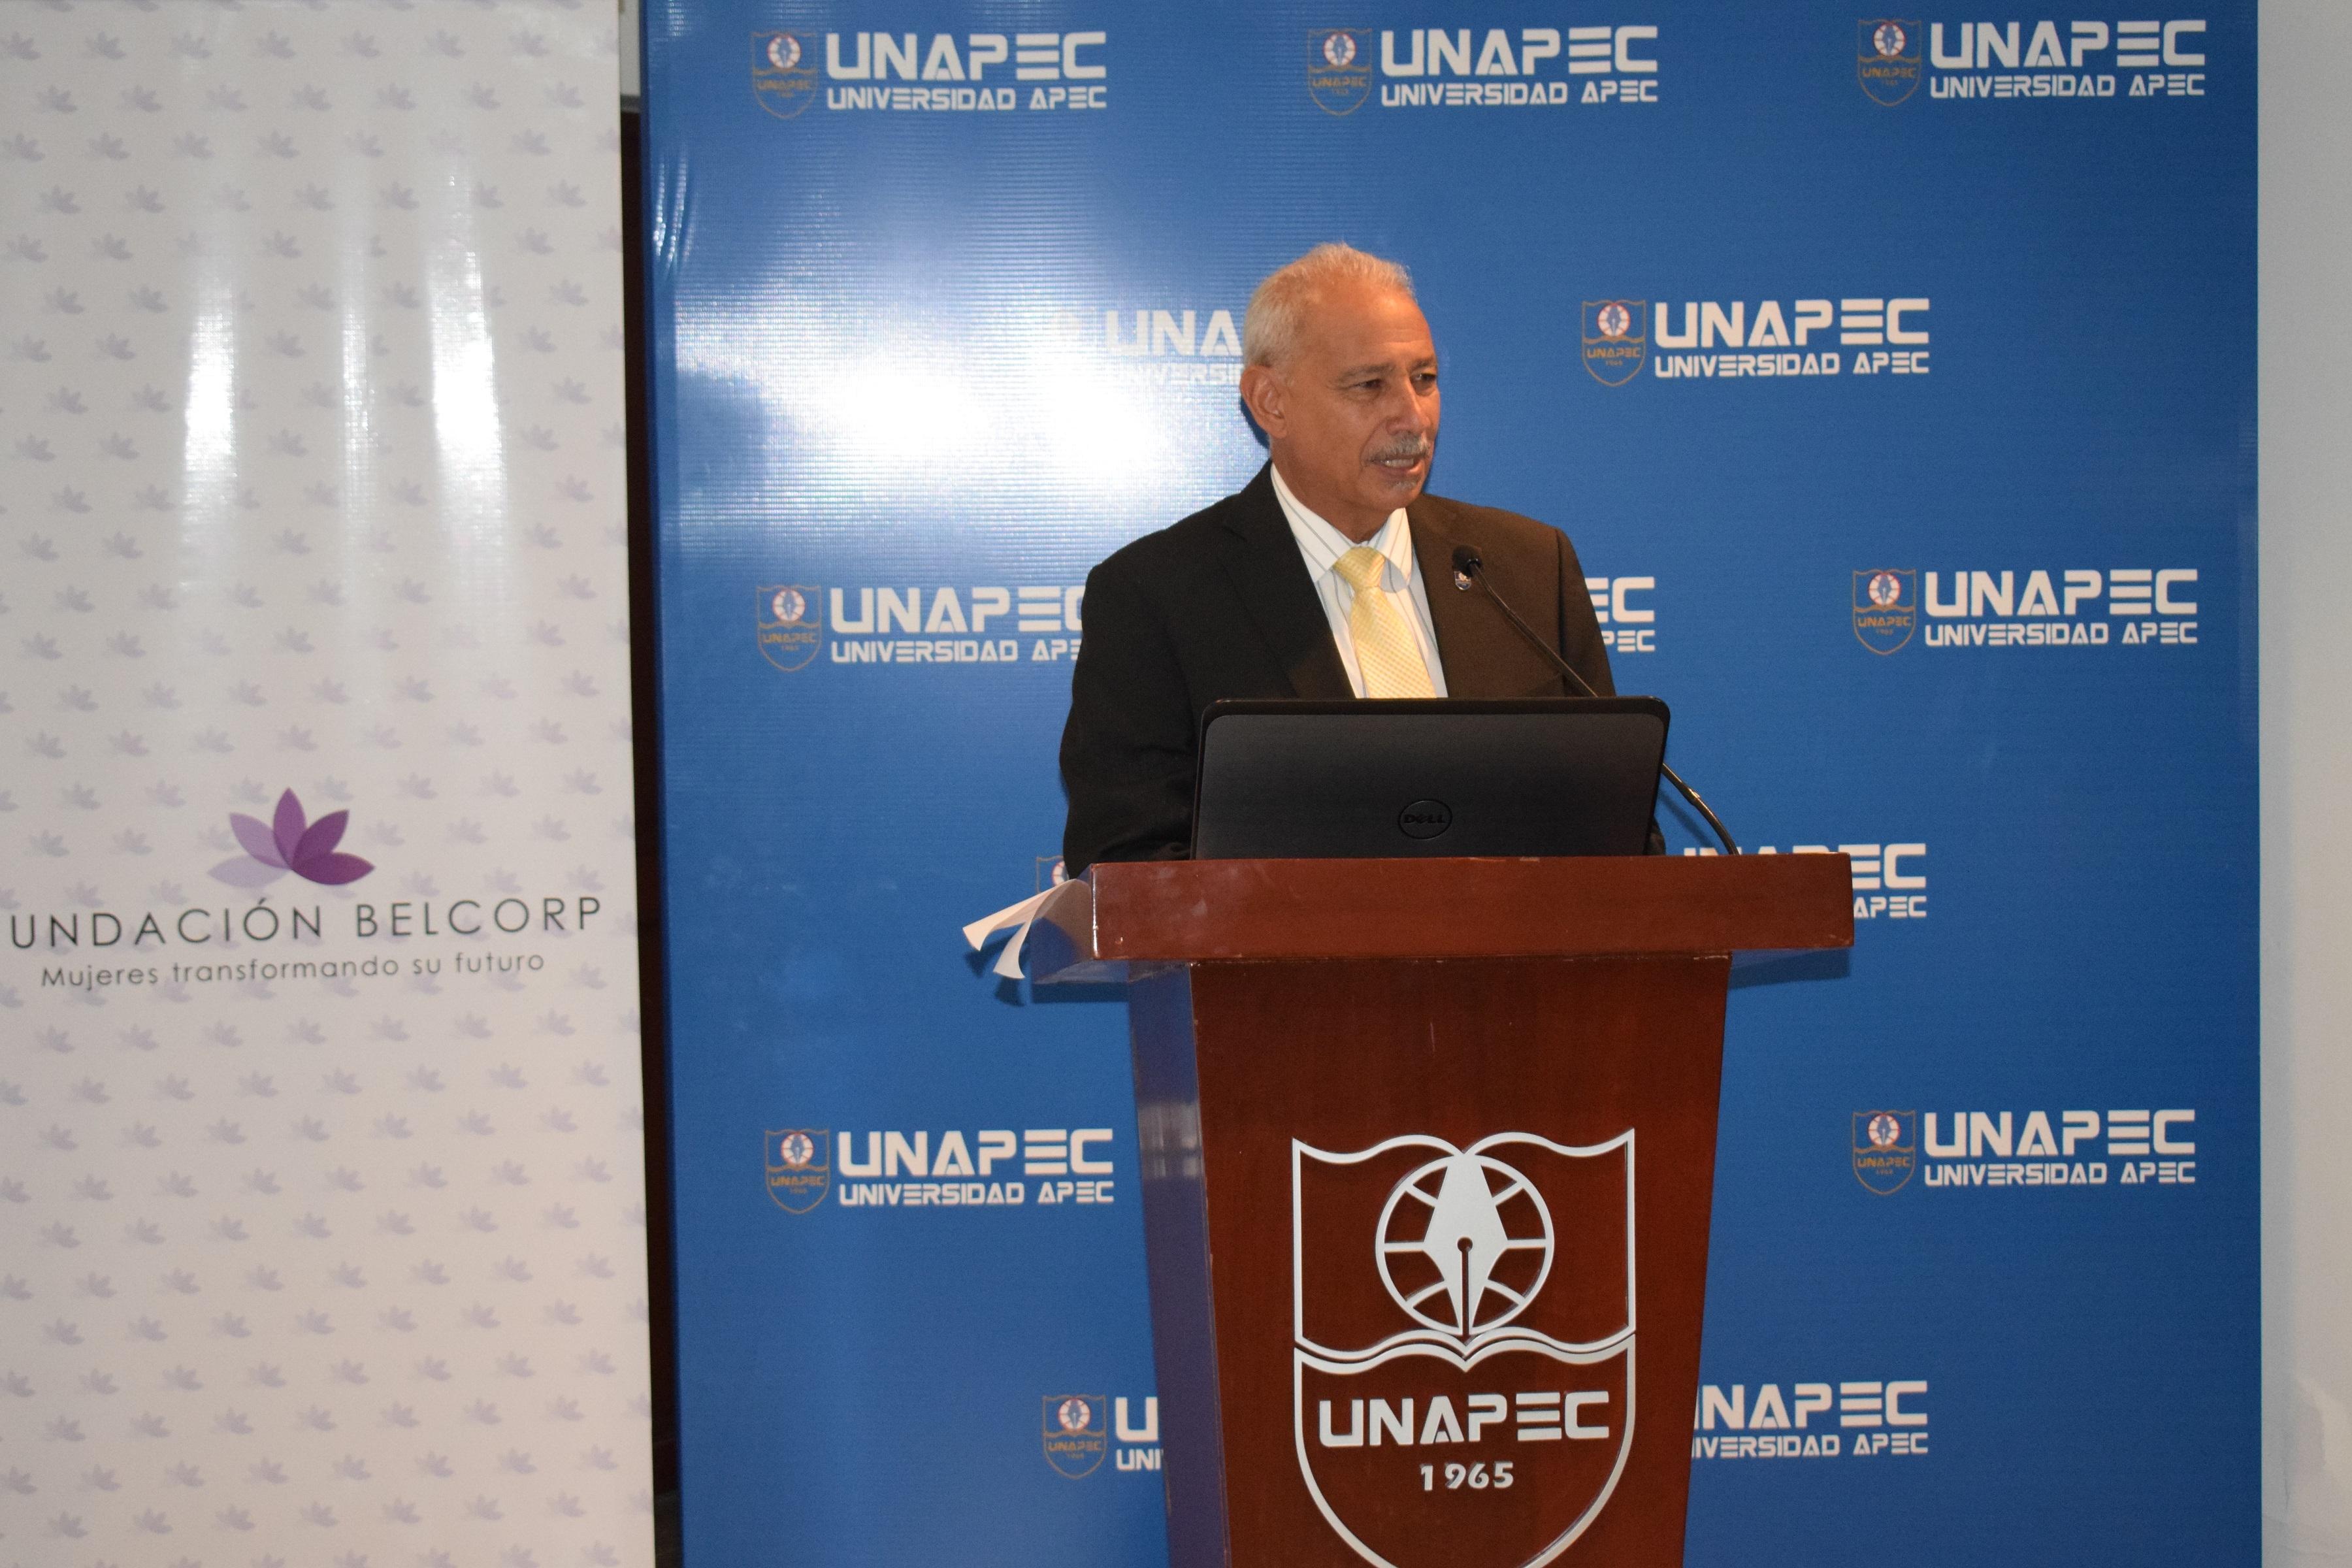 Lic. Francisco D Oleo, Vicerrector Académica de UNAPEC.